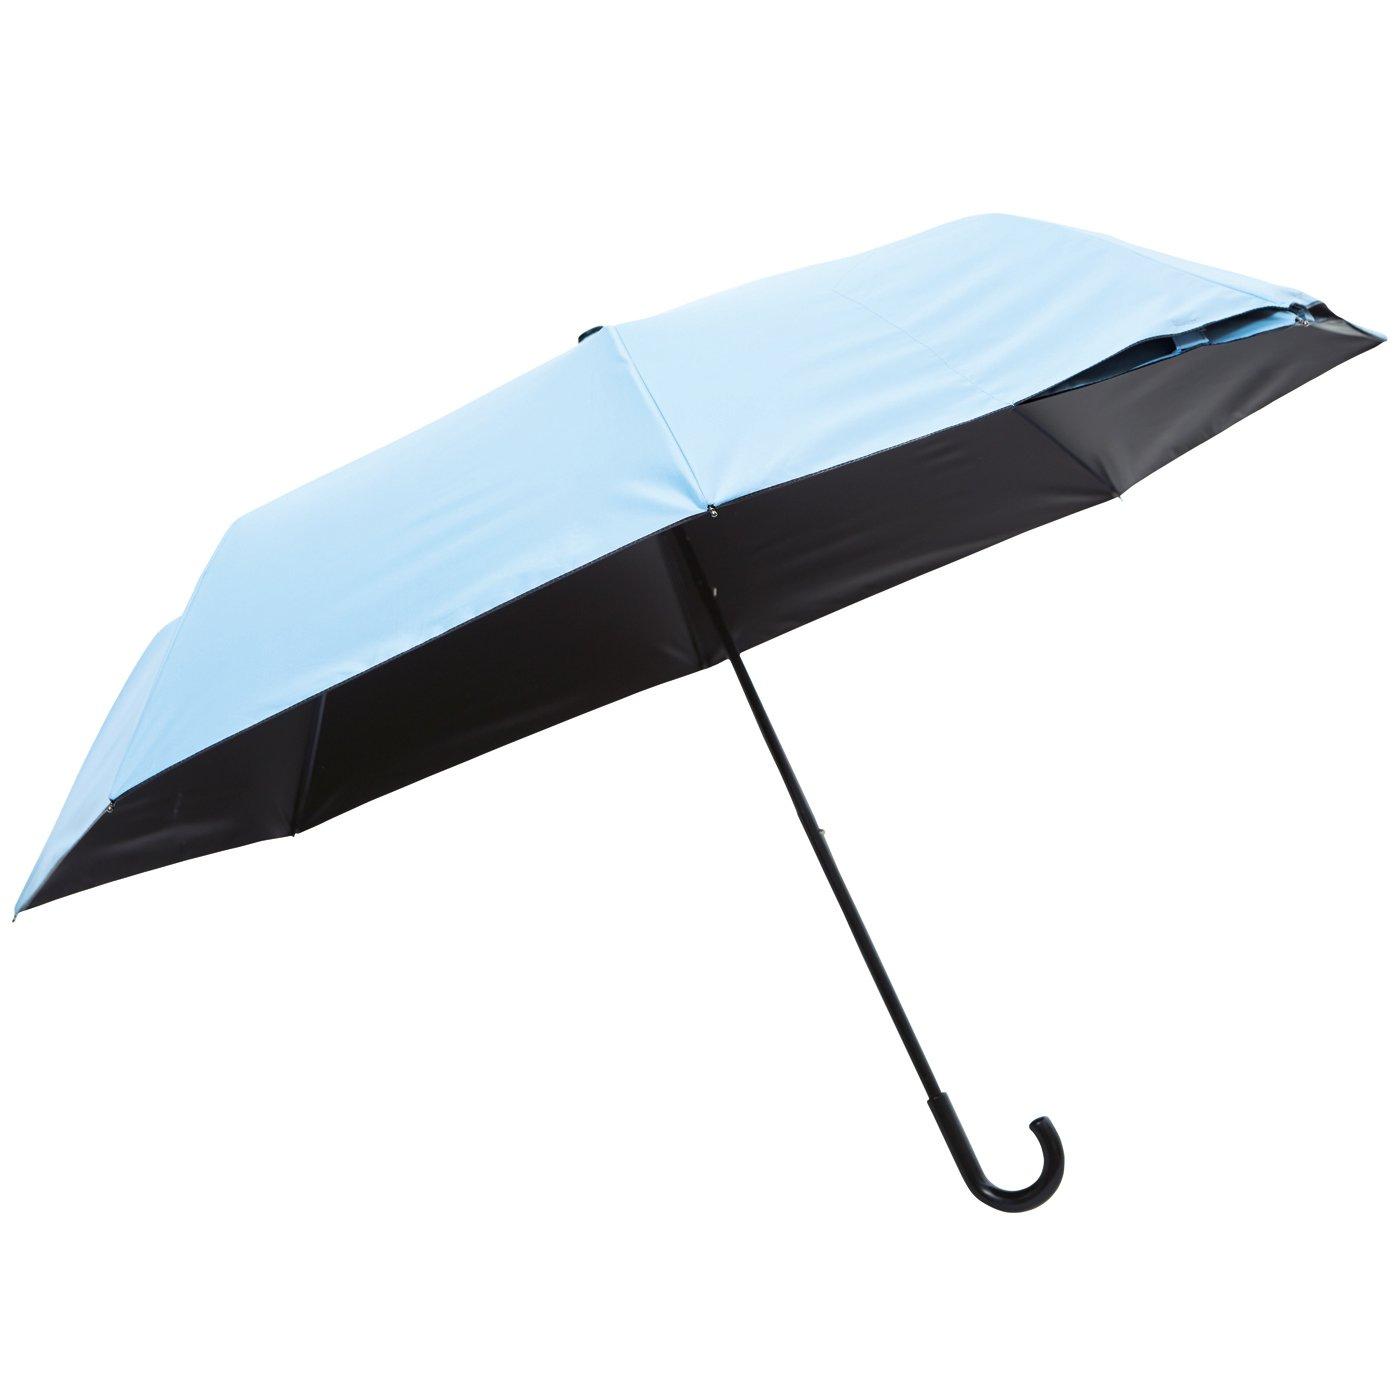 くるりんでバッグにさっと収納 UVカットも遮光もおまかせ! 晴雨兼用折りたたみ傘